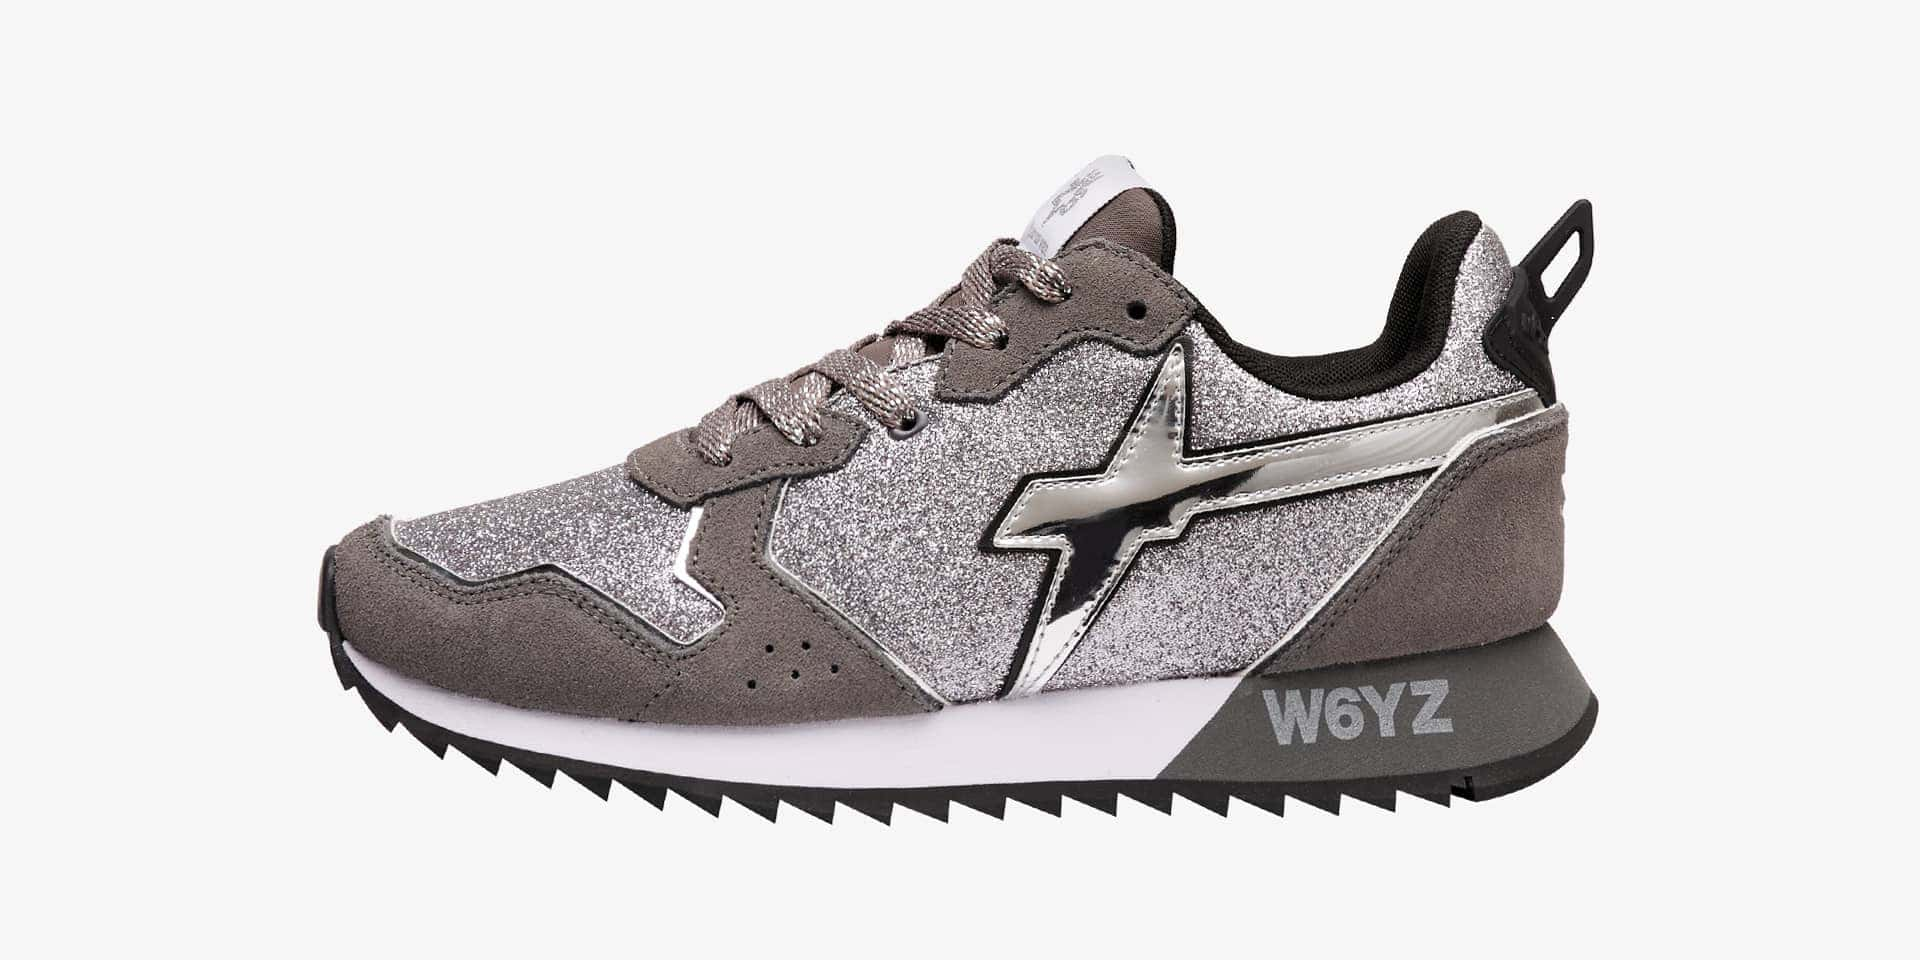 JET-W. - Sneaker in suede e glitter - Argento